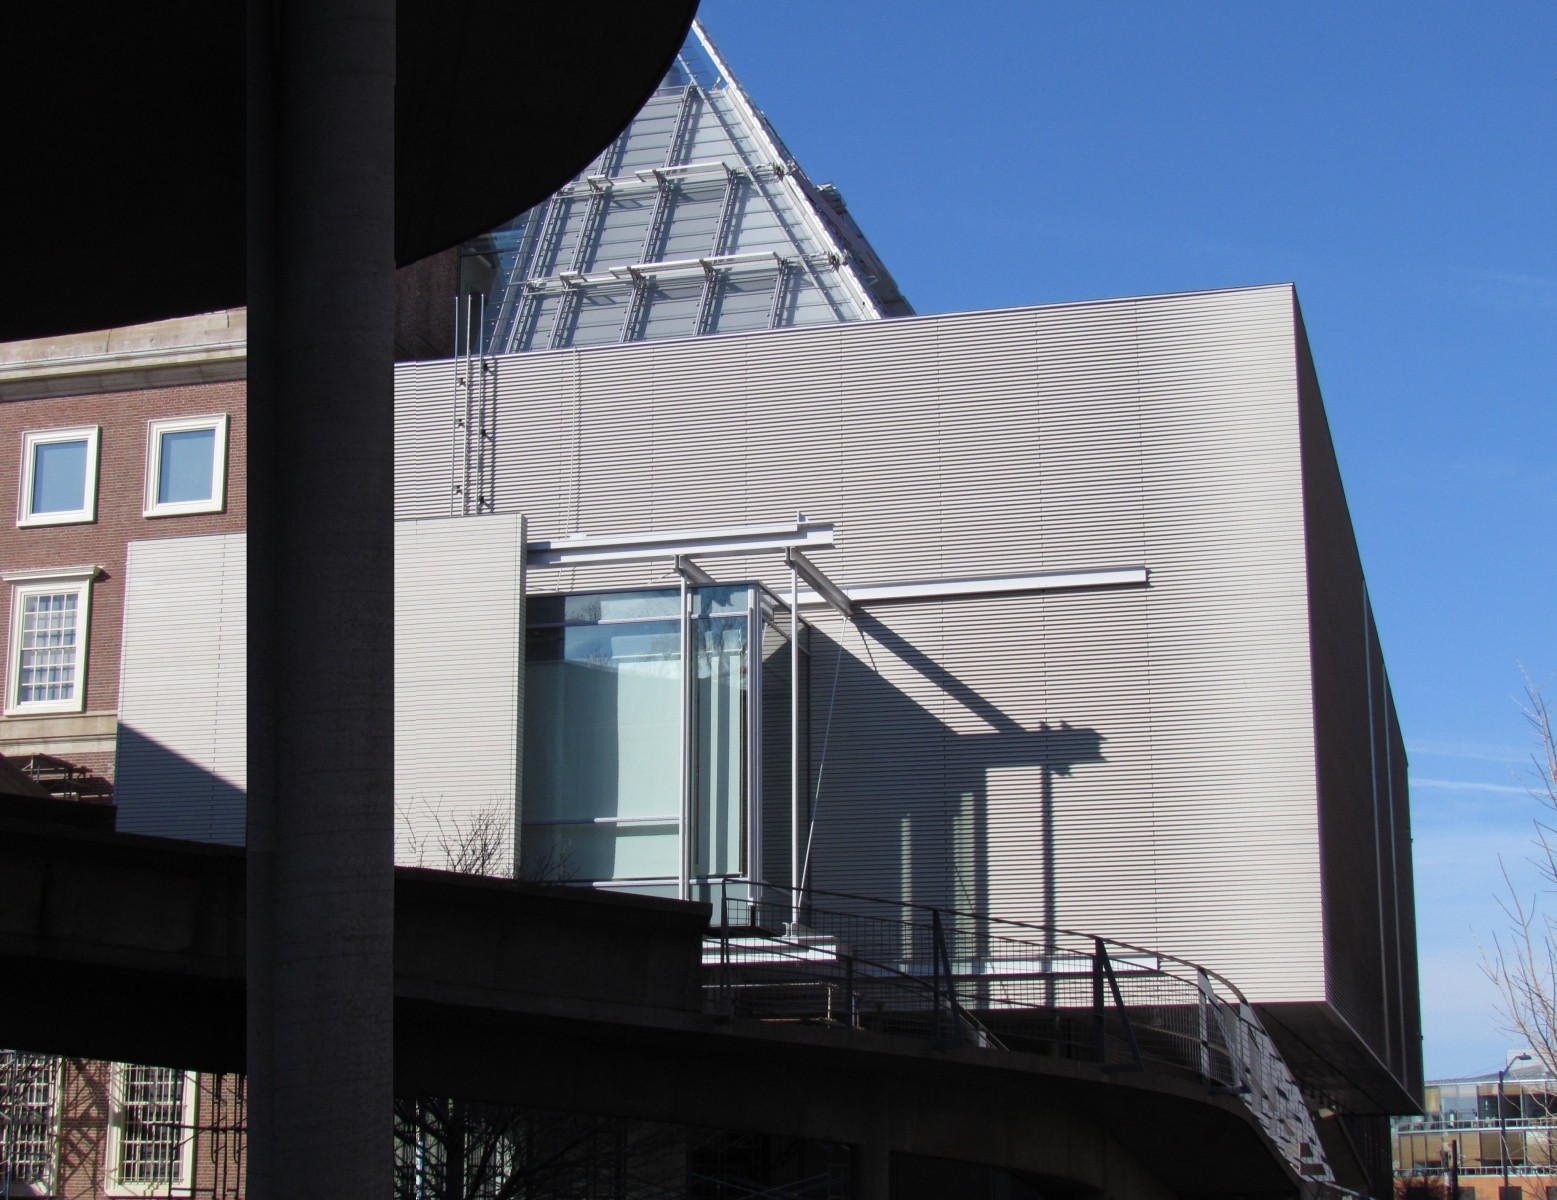 La nueva ala de Piano para Harvard Art Museums, con la rampa curva del Carpenter Center de Le Corbusier adelante. Imagen © Paul Clemence